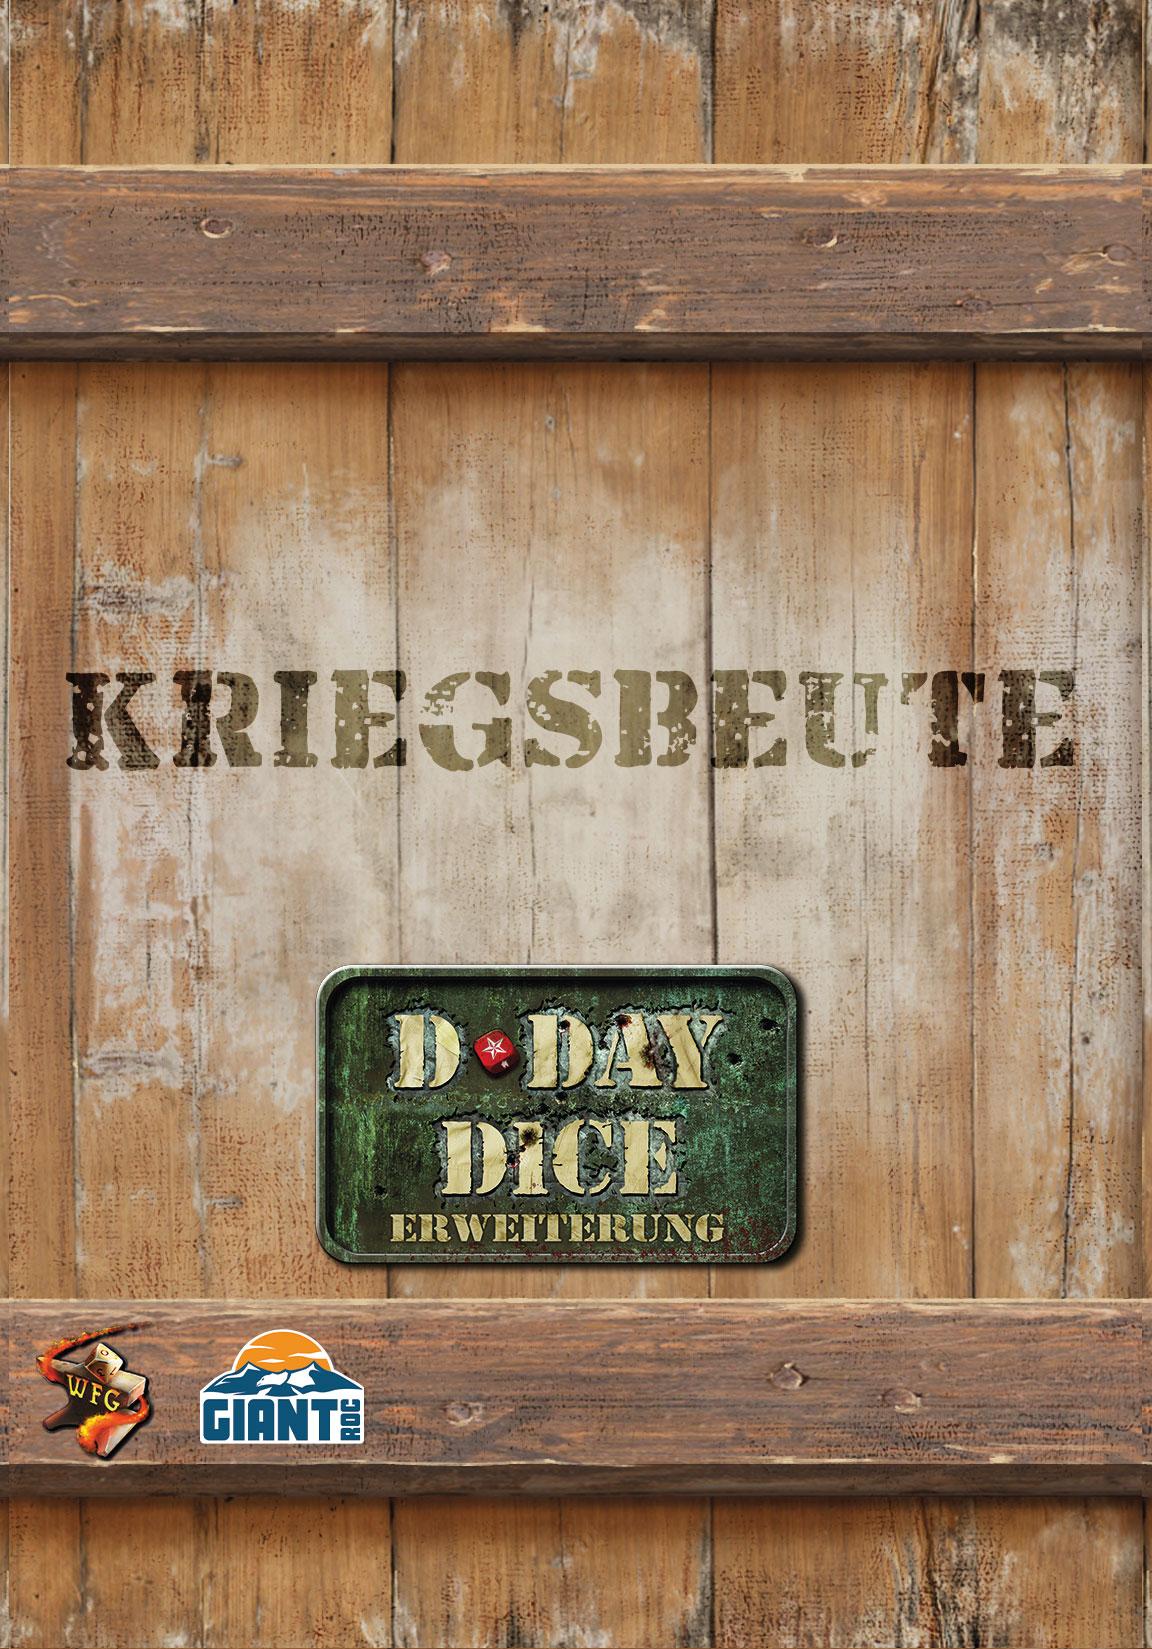 D-Day Dice 2nd Edition -  Kriegsbeute Erweiterung